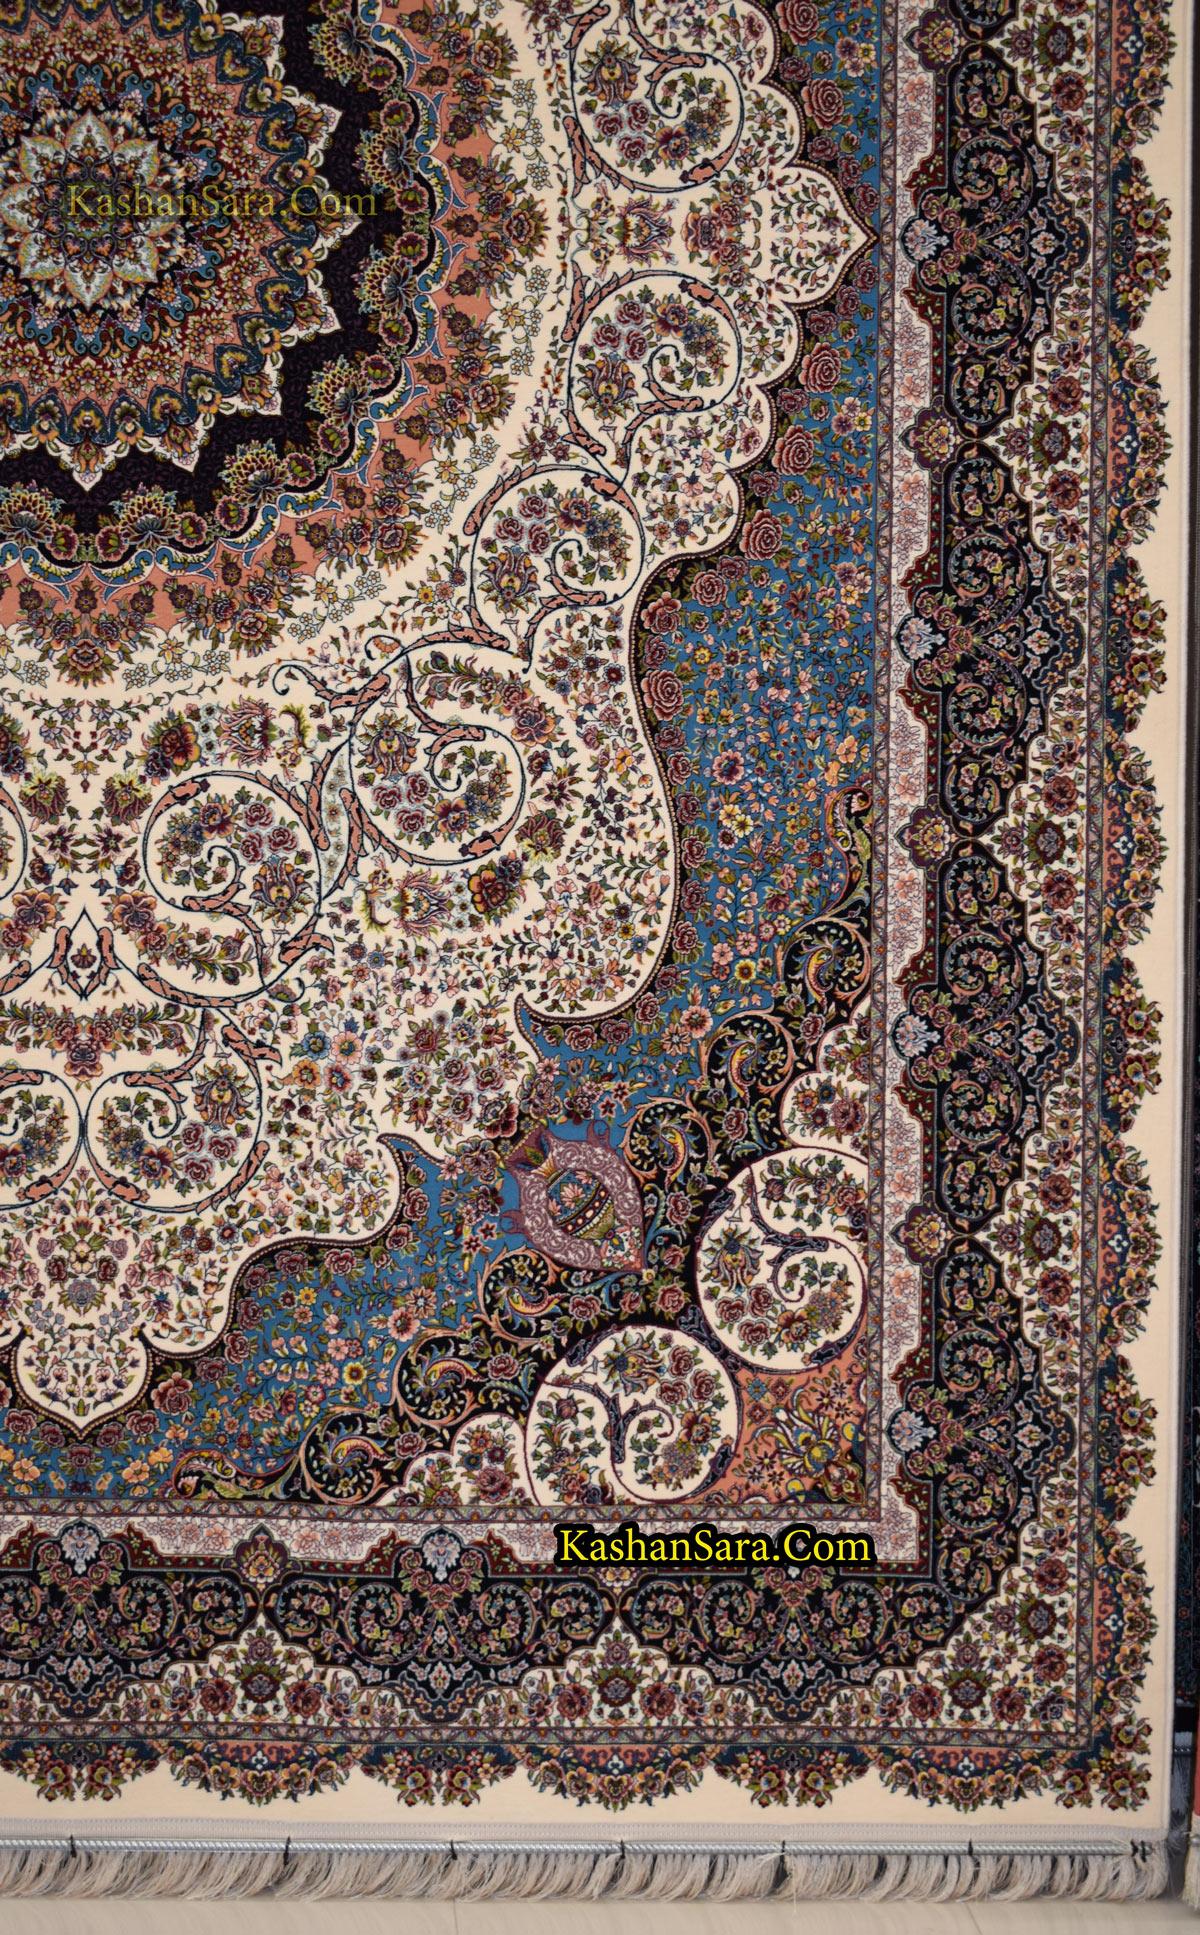 فرش ماشینی کاشان نقشه صوفیا ۱۲۰۰ شانه